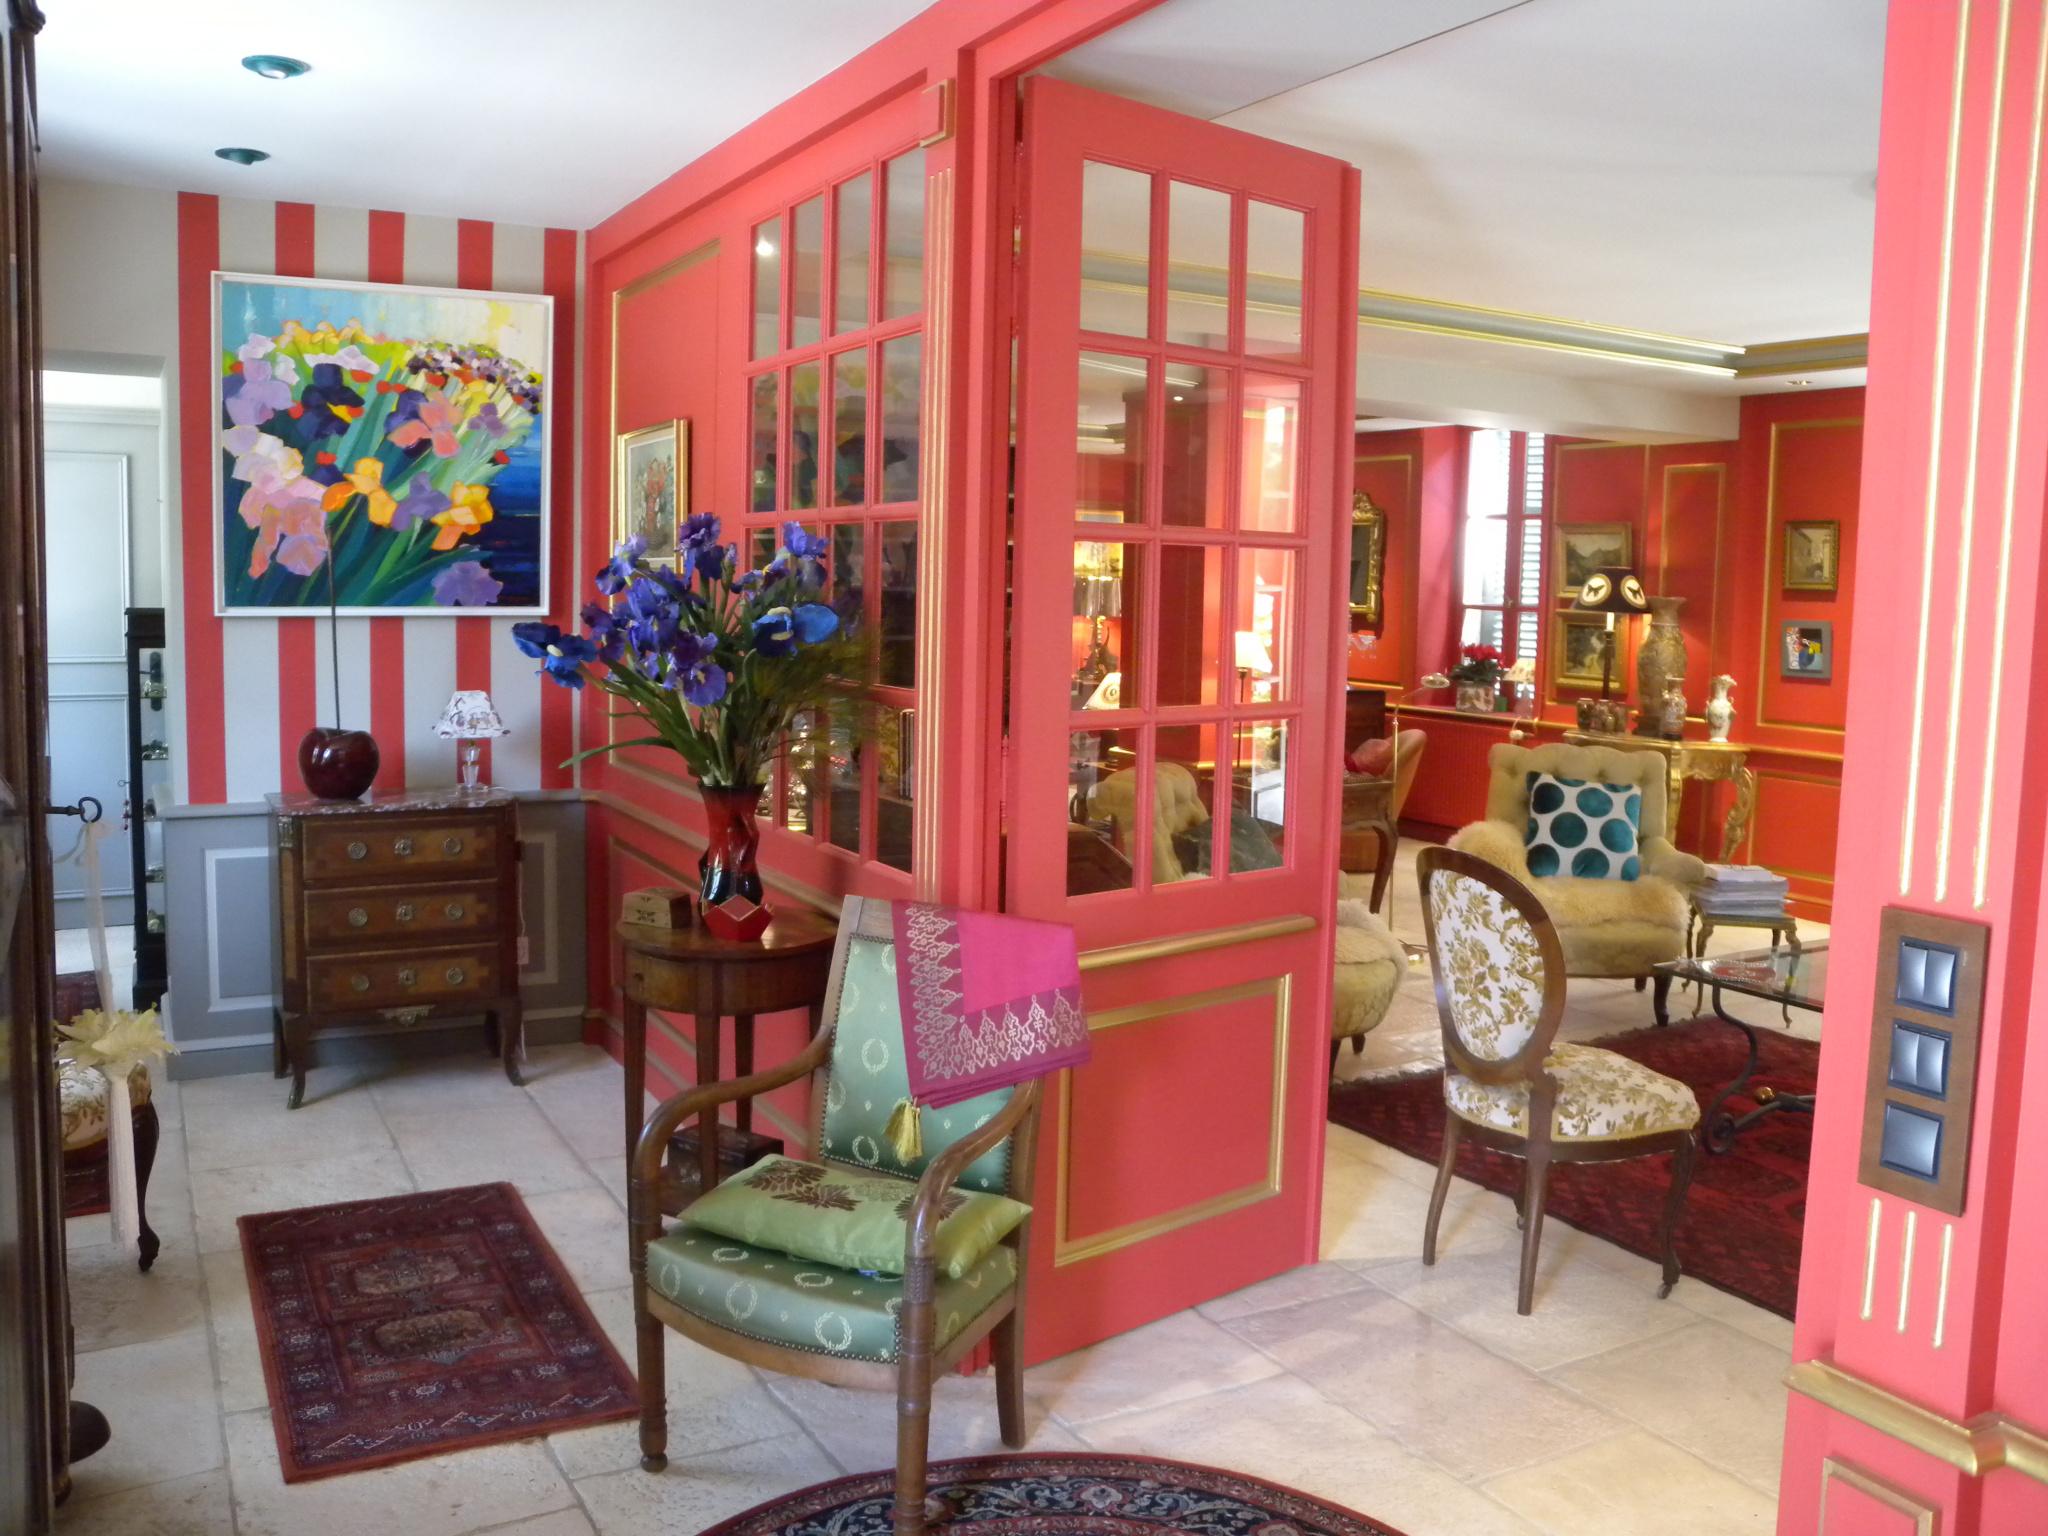 Vente maison/villa labergement les seurre